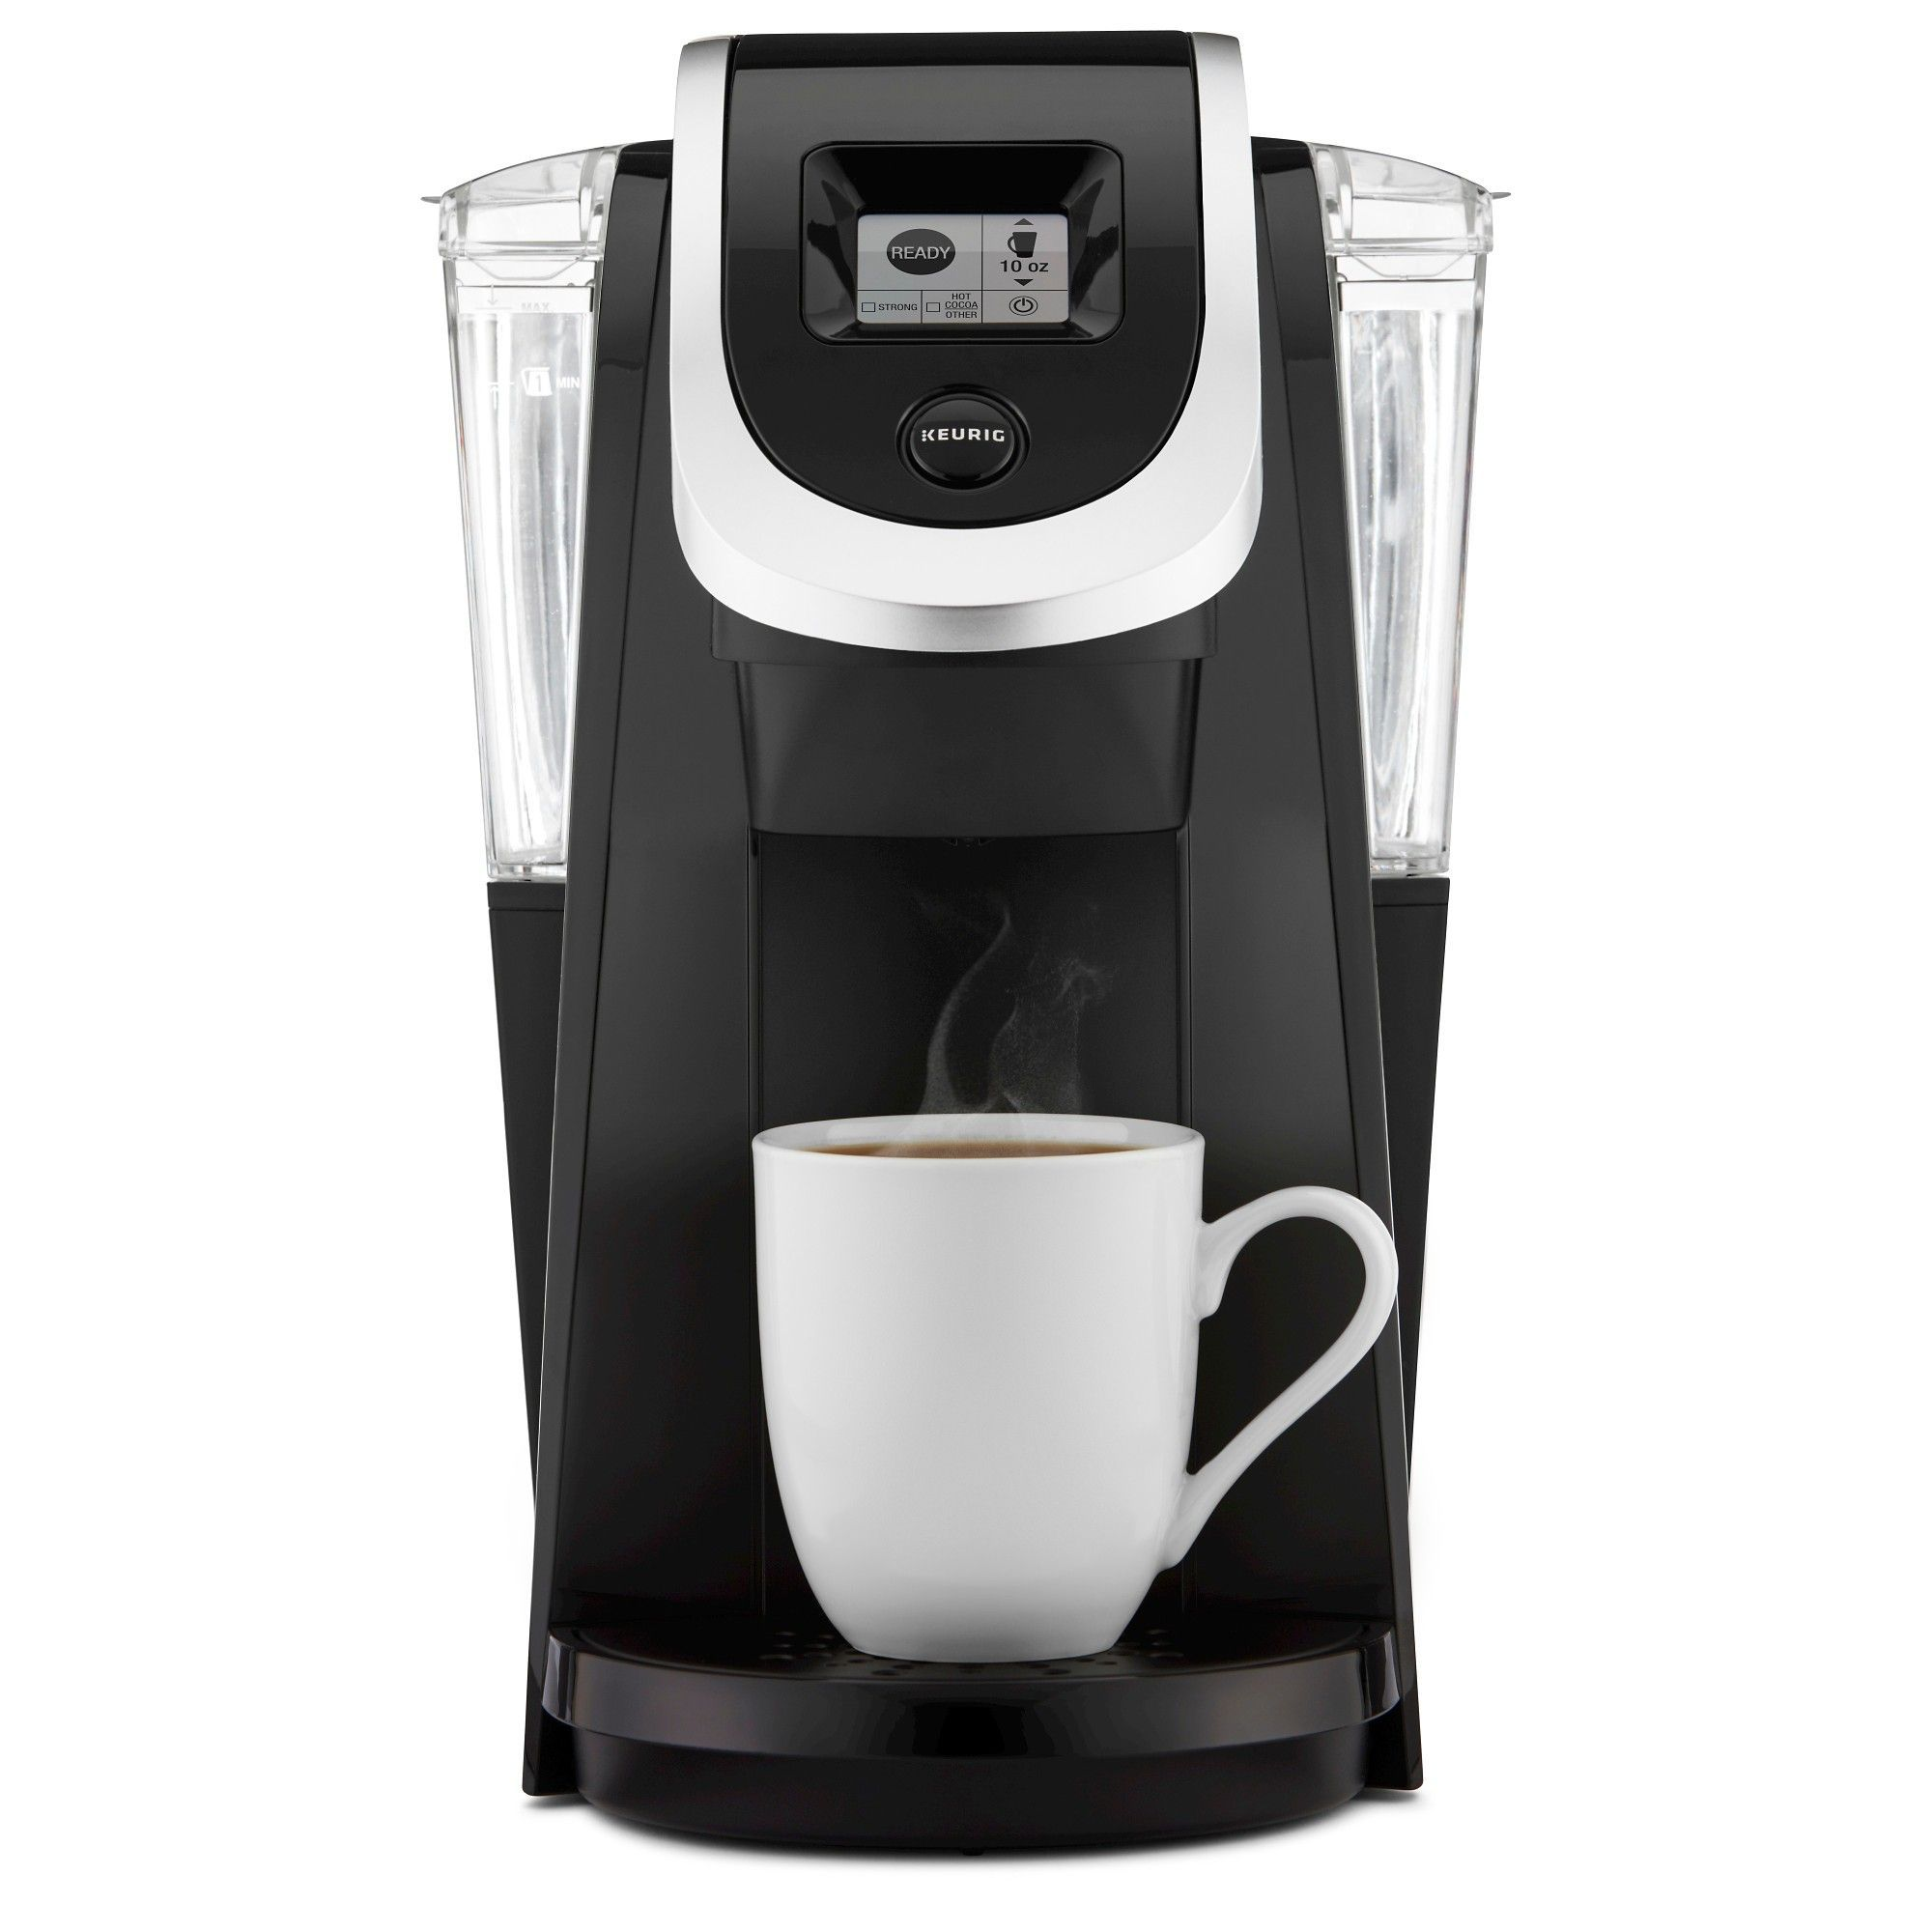 Keurig K200 Coffee Maker Black